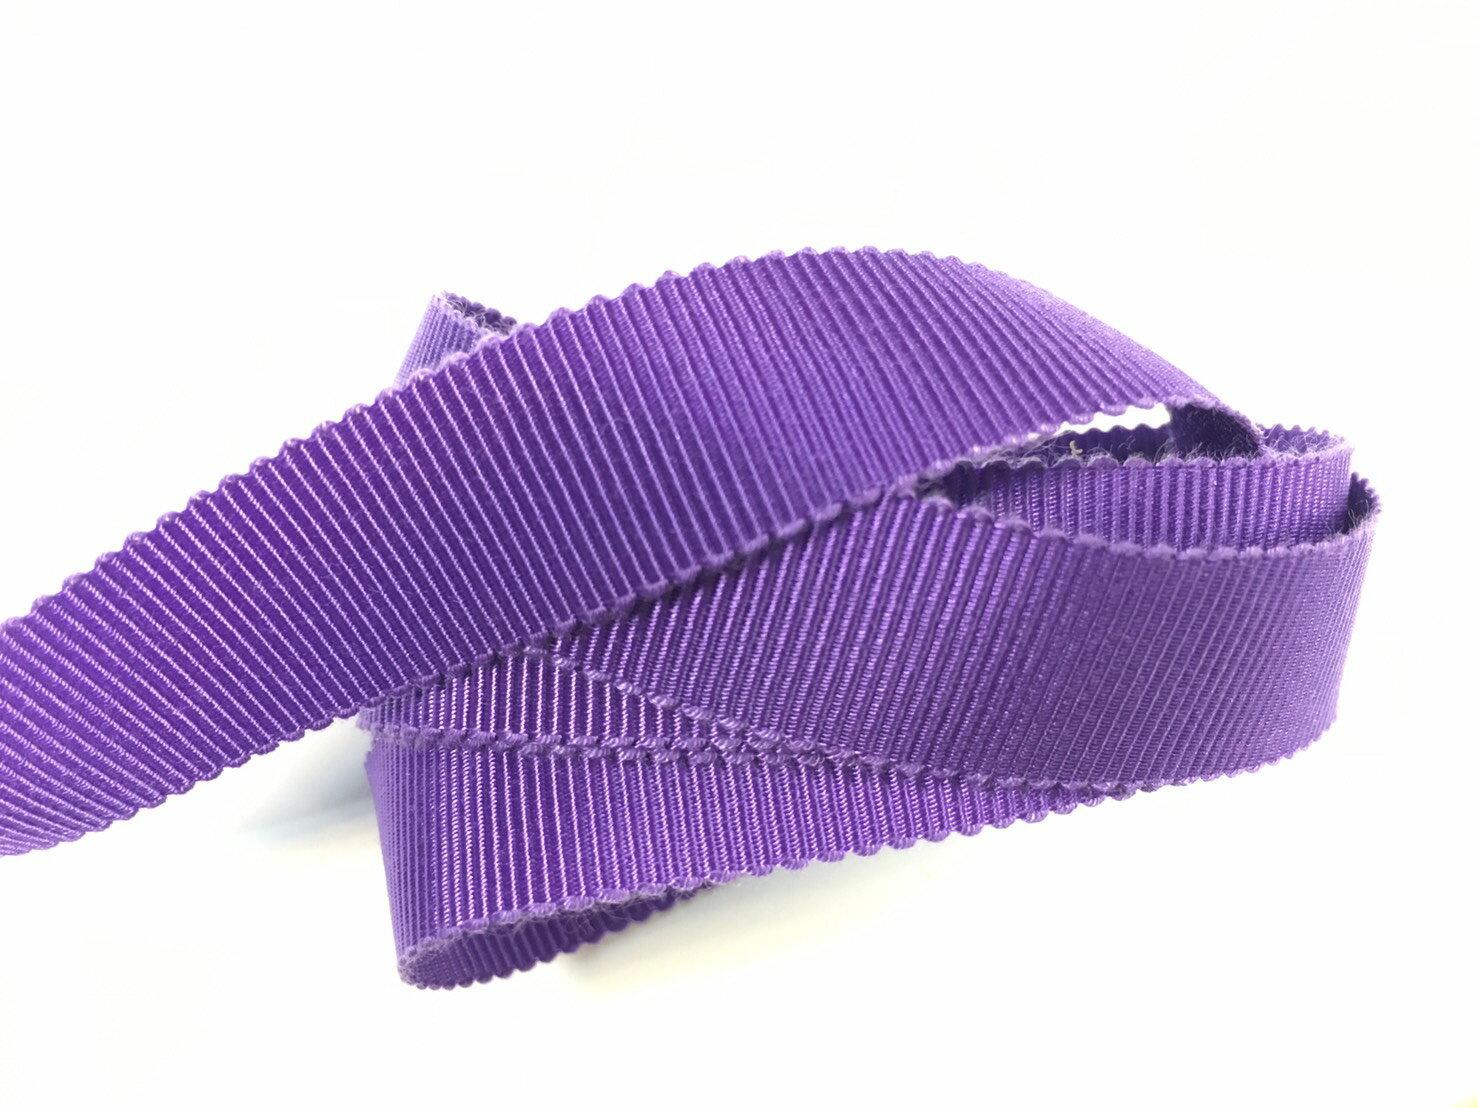 迴紋帶 羅紋緞帶 10mm 3碼 (22色) 日本製造台灣包裝 4